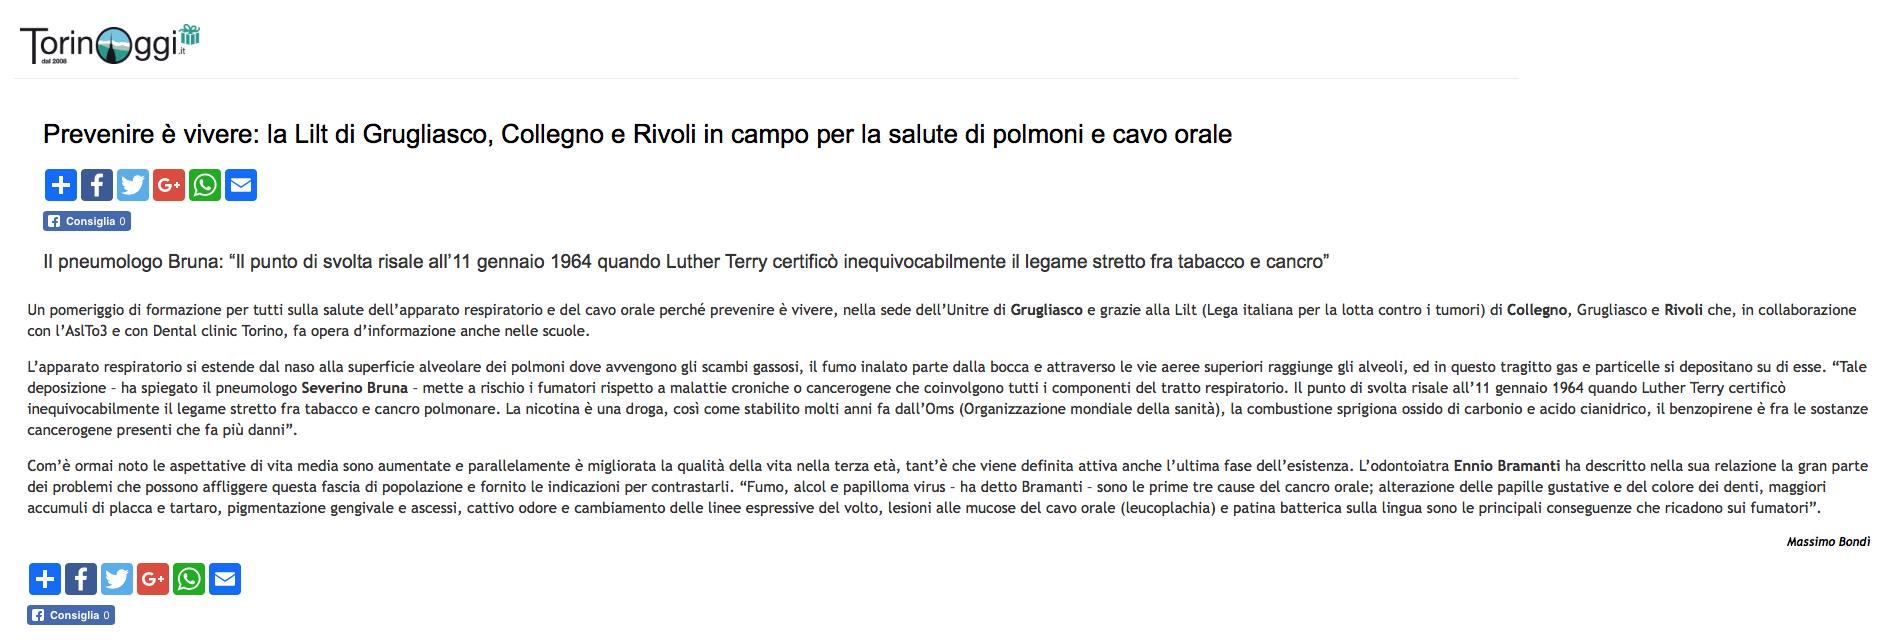 """Articolo """"TorinoOggi.it"""""""